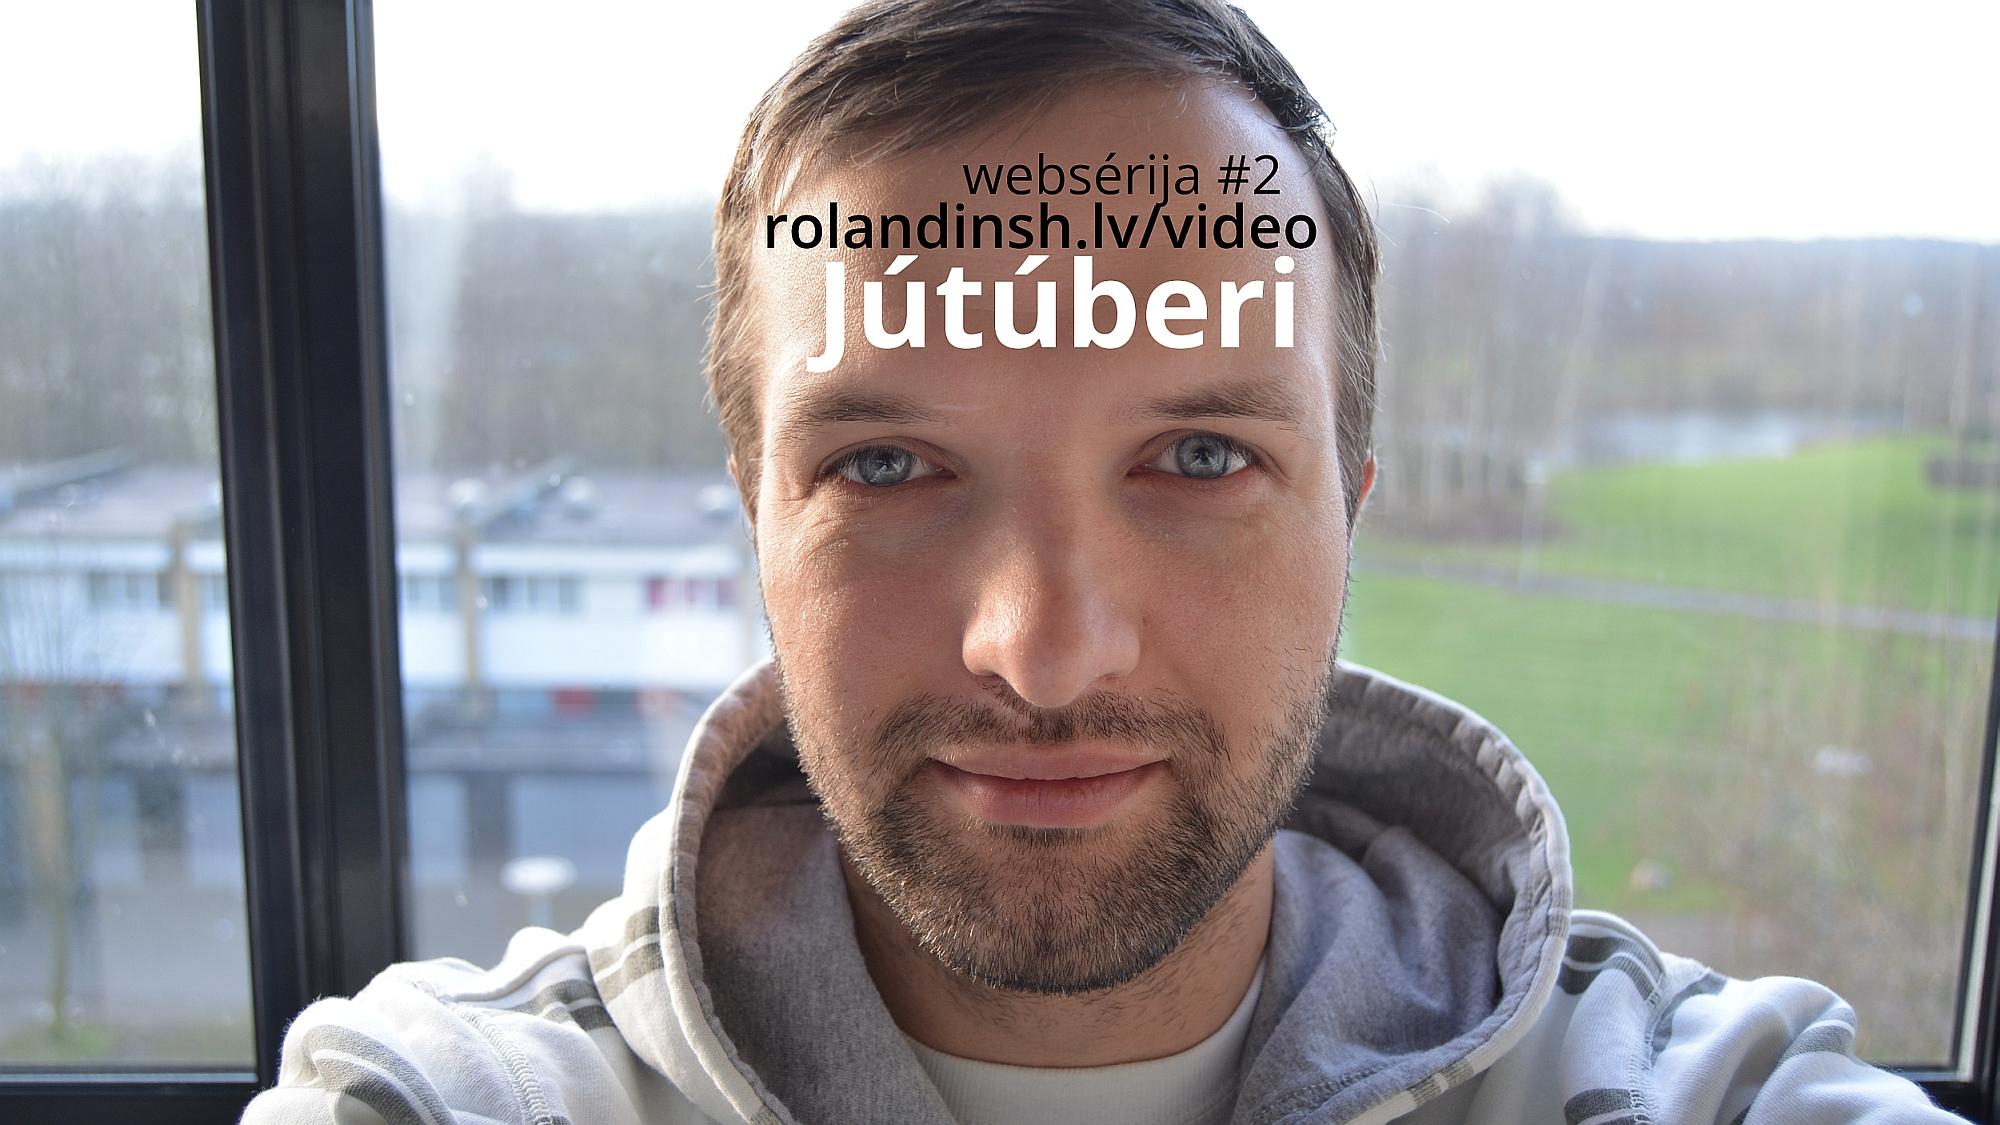 Jūtūberi. Vlog web sērijas #2. rolandinsh